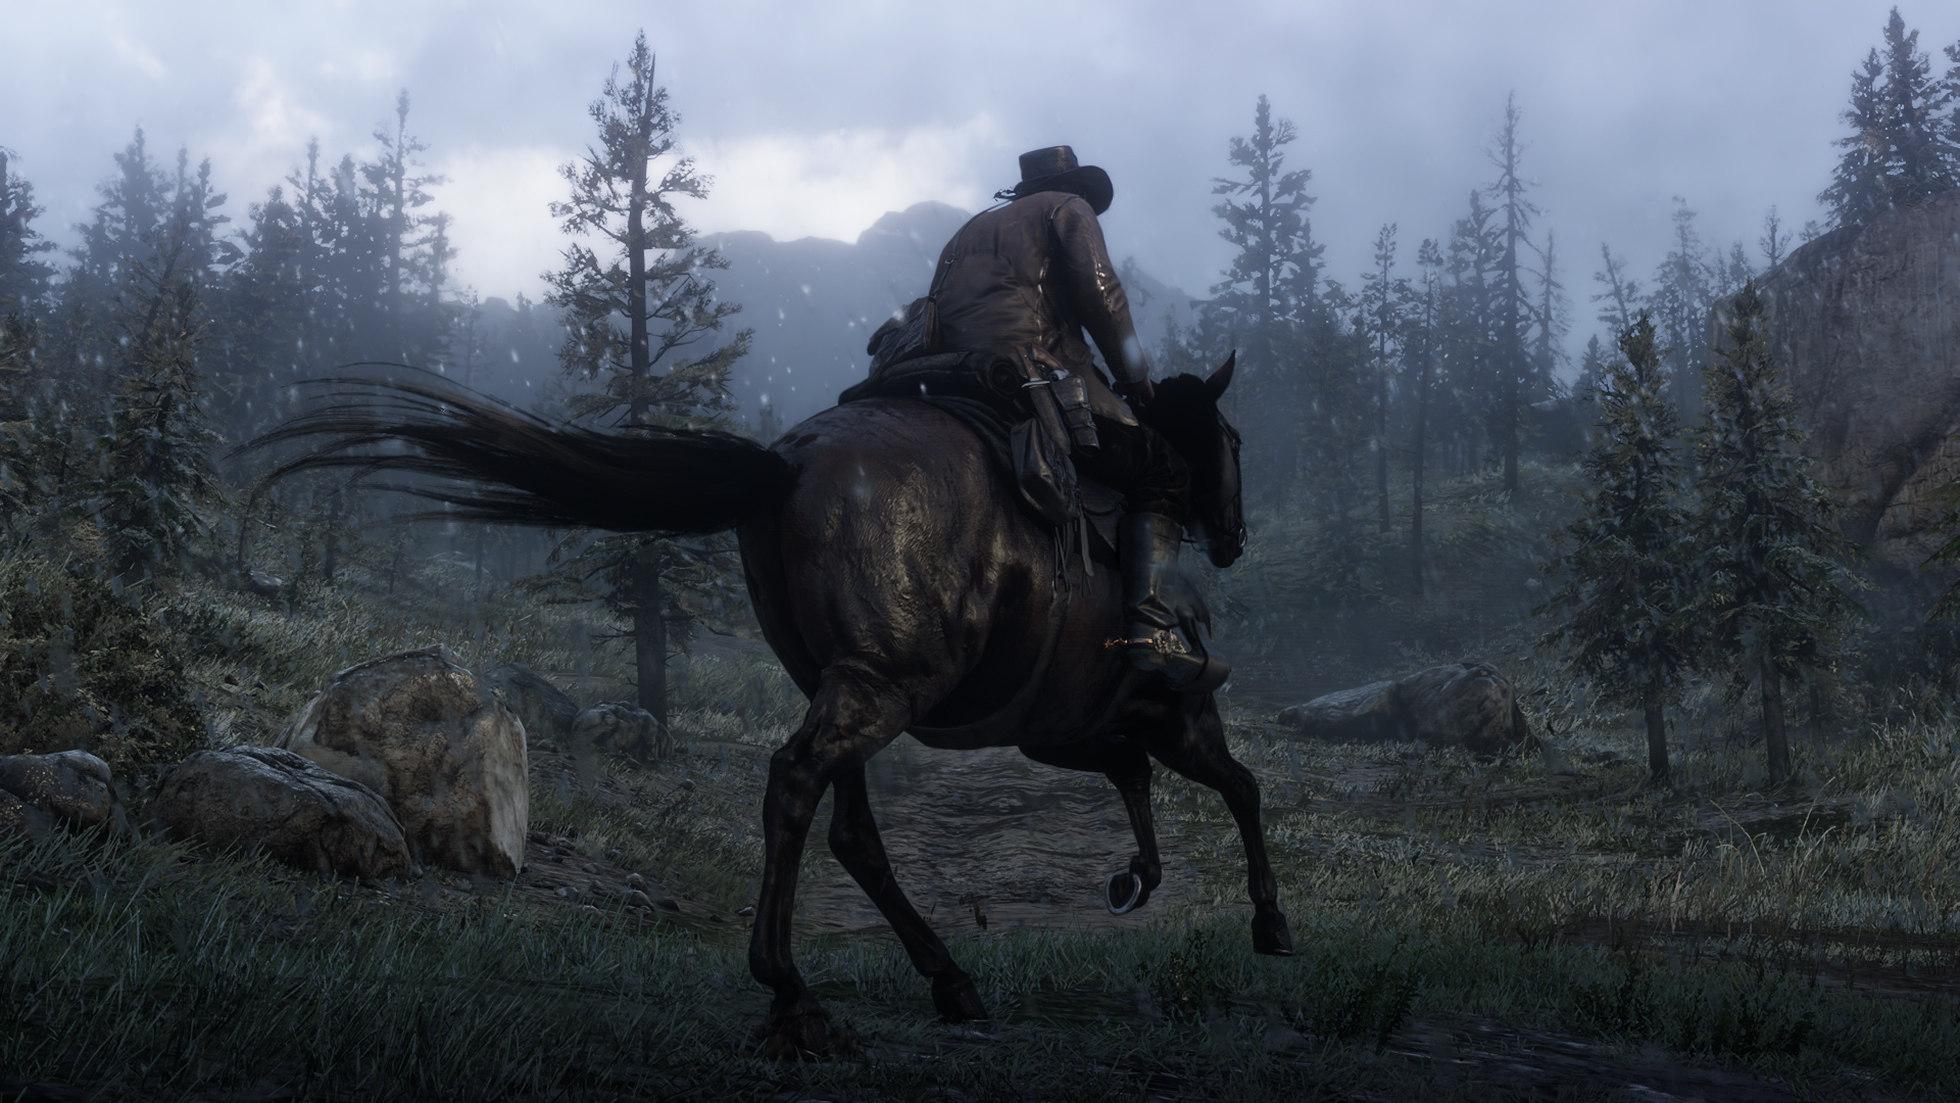 Red Dead Redemption 2: novas e belíssimas imagens destacam visual do jogo 1